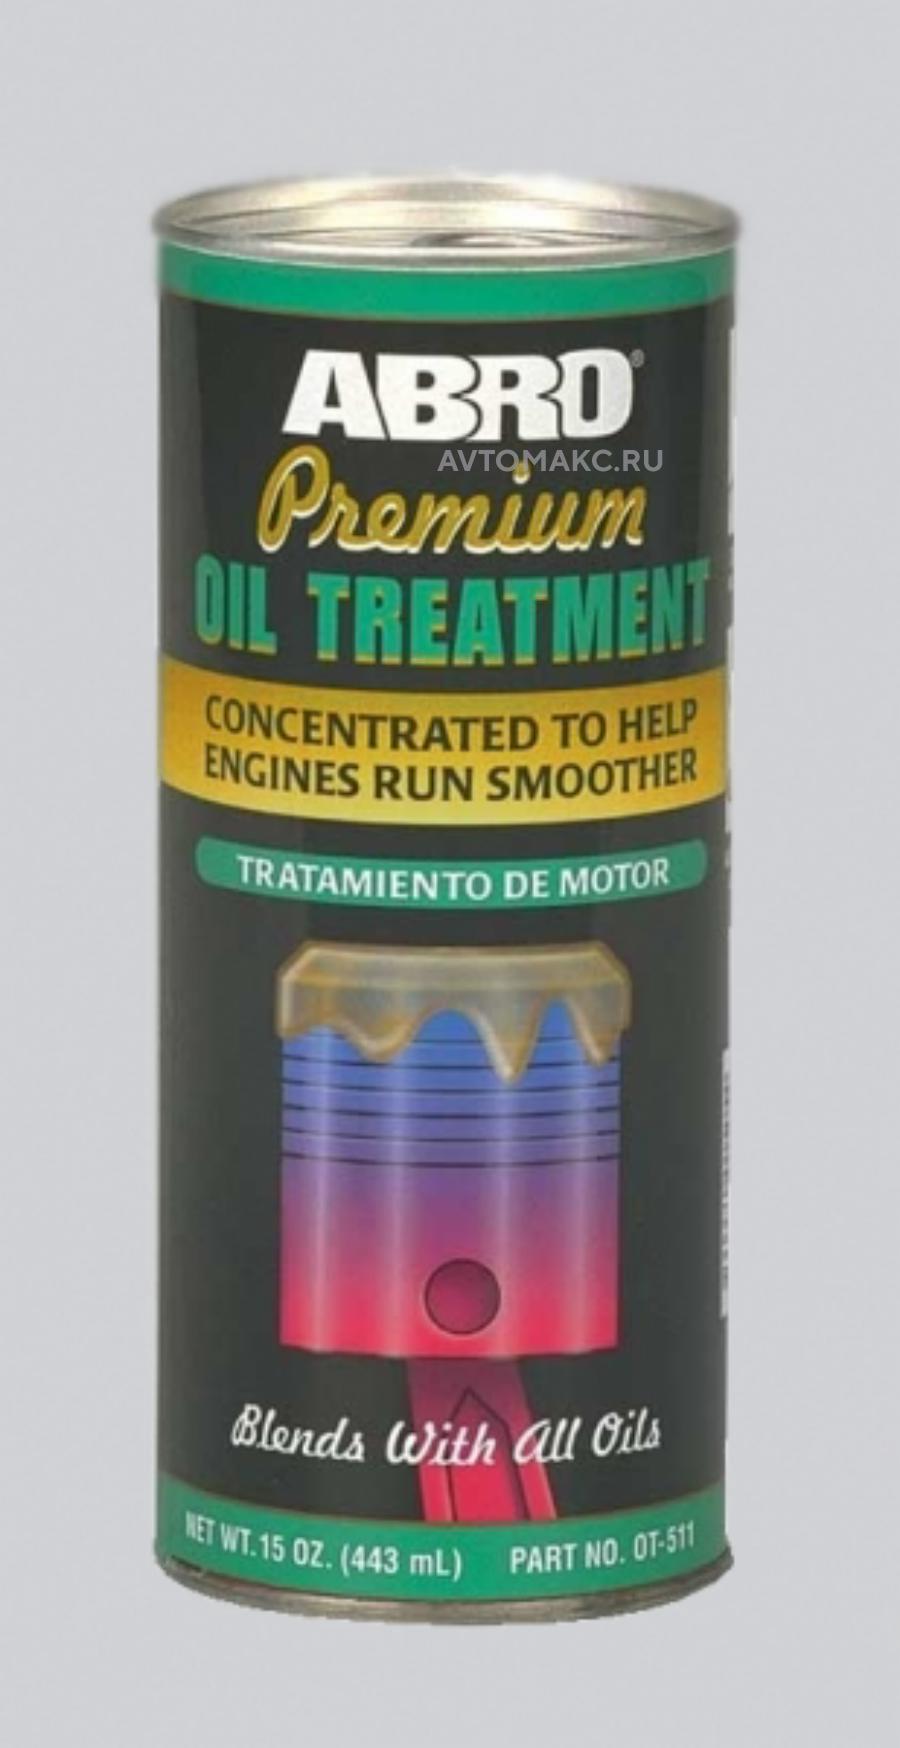 Жидкость присадка в масло premium 443 мл (OT511)